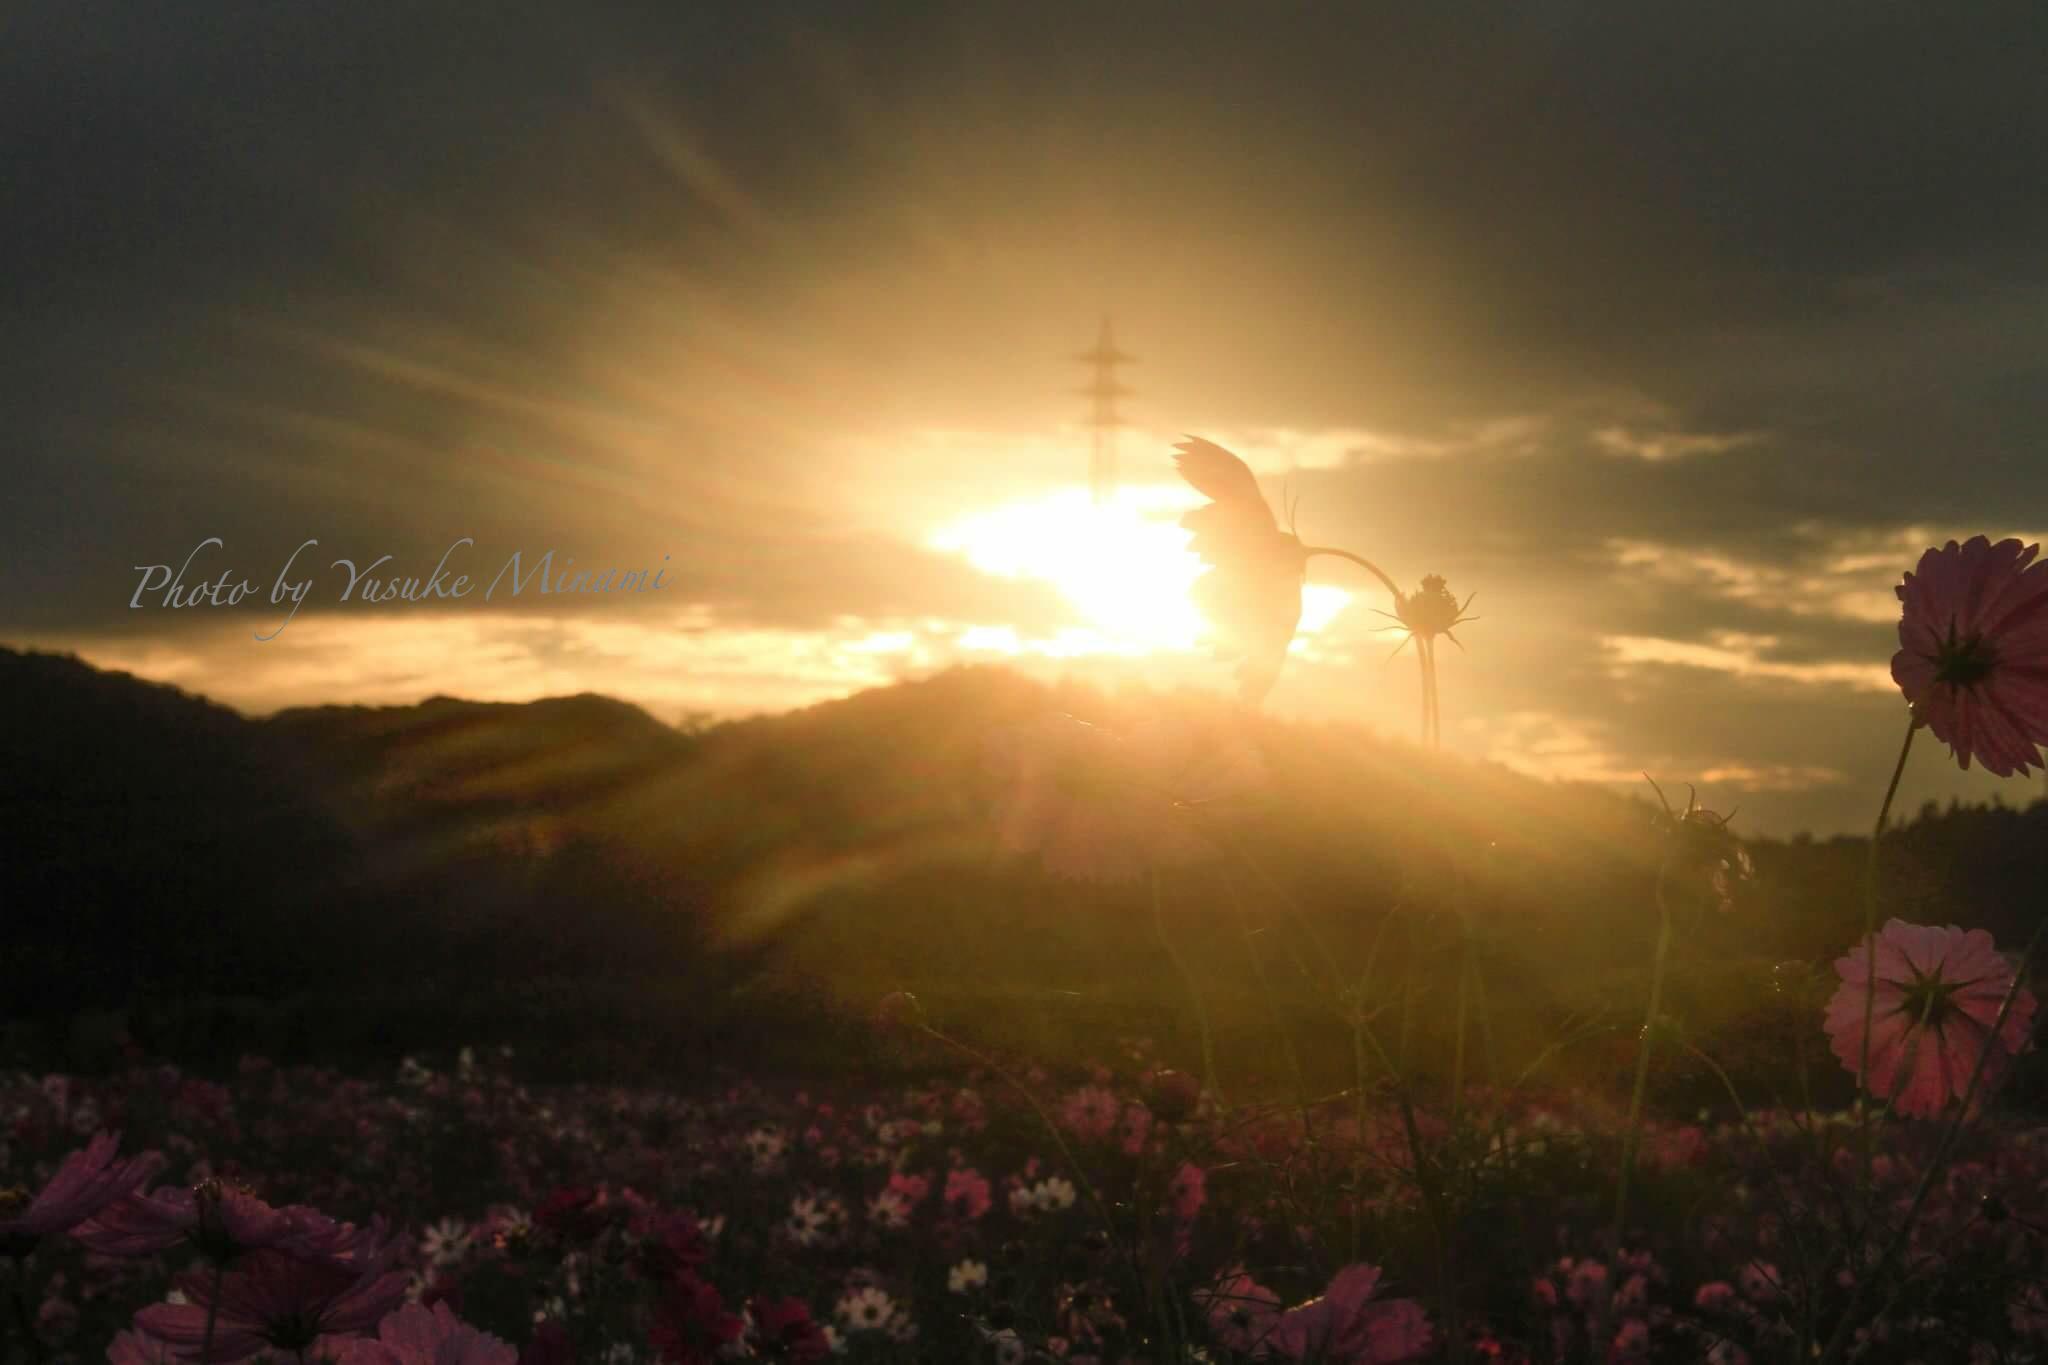 【満開】 コスモスが見ごろの朝の干拓地を撮影/笠岡ベイファーム(岡山県笠岡市)